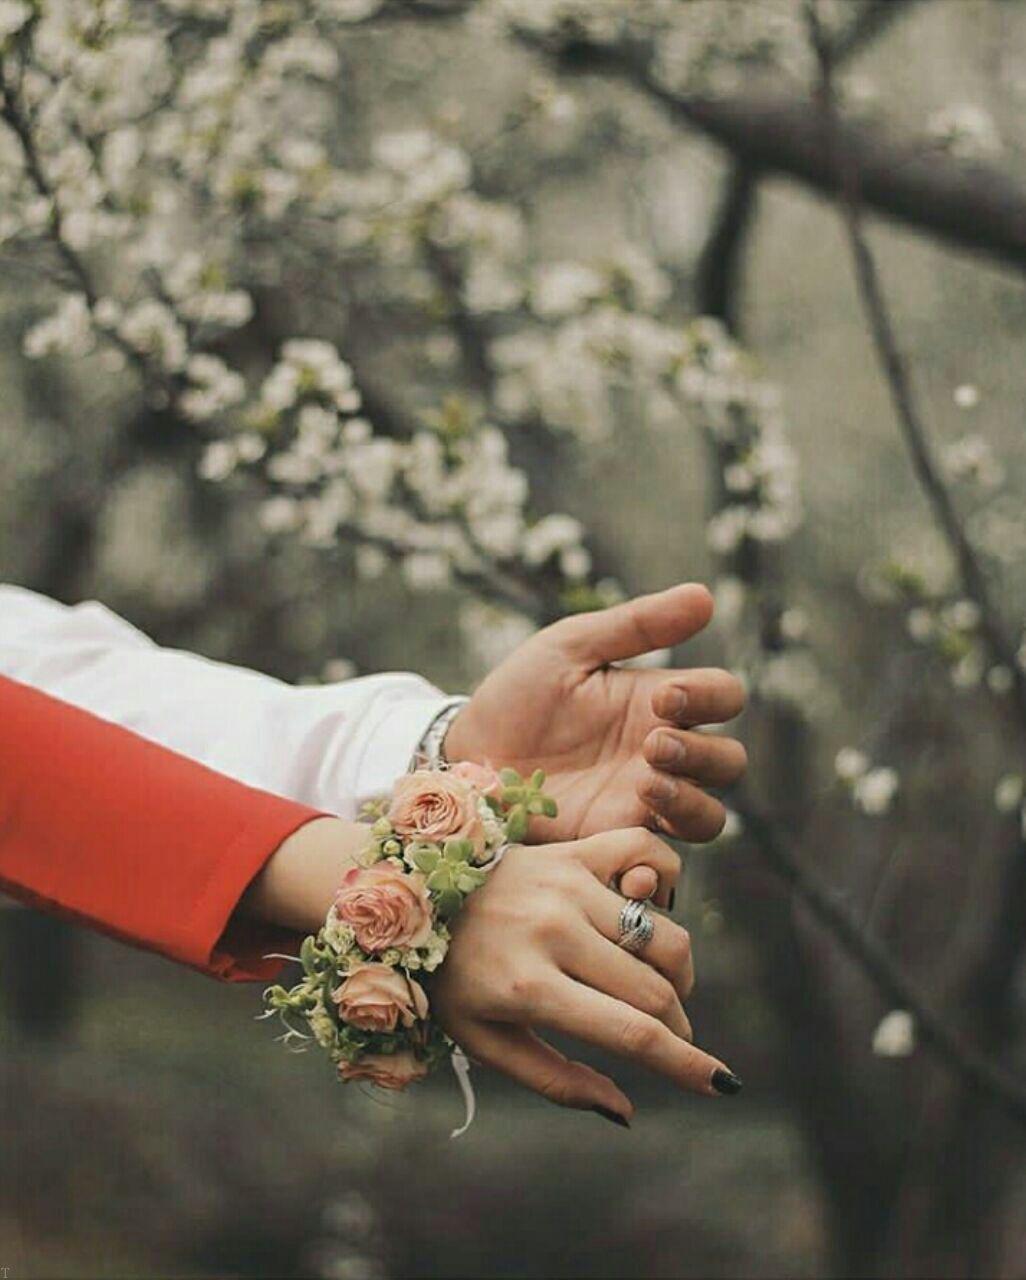 عکس نوشته های عاشقانه زیبا | عکس های عاشقانه بغل کردن